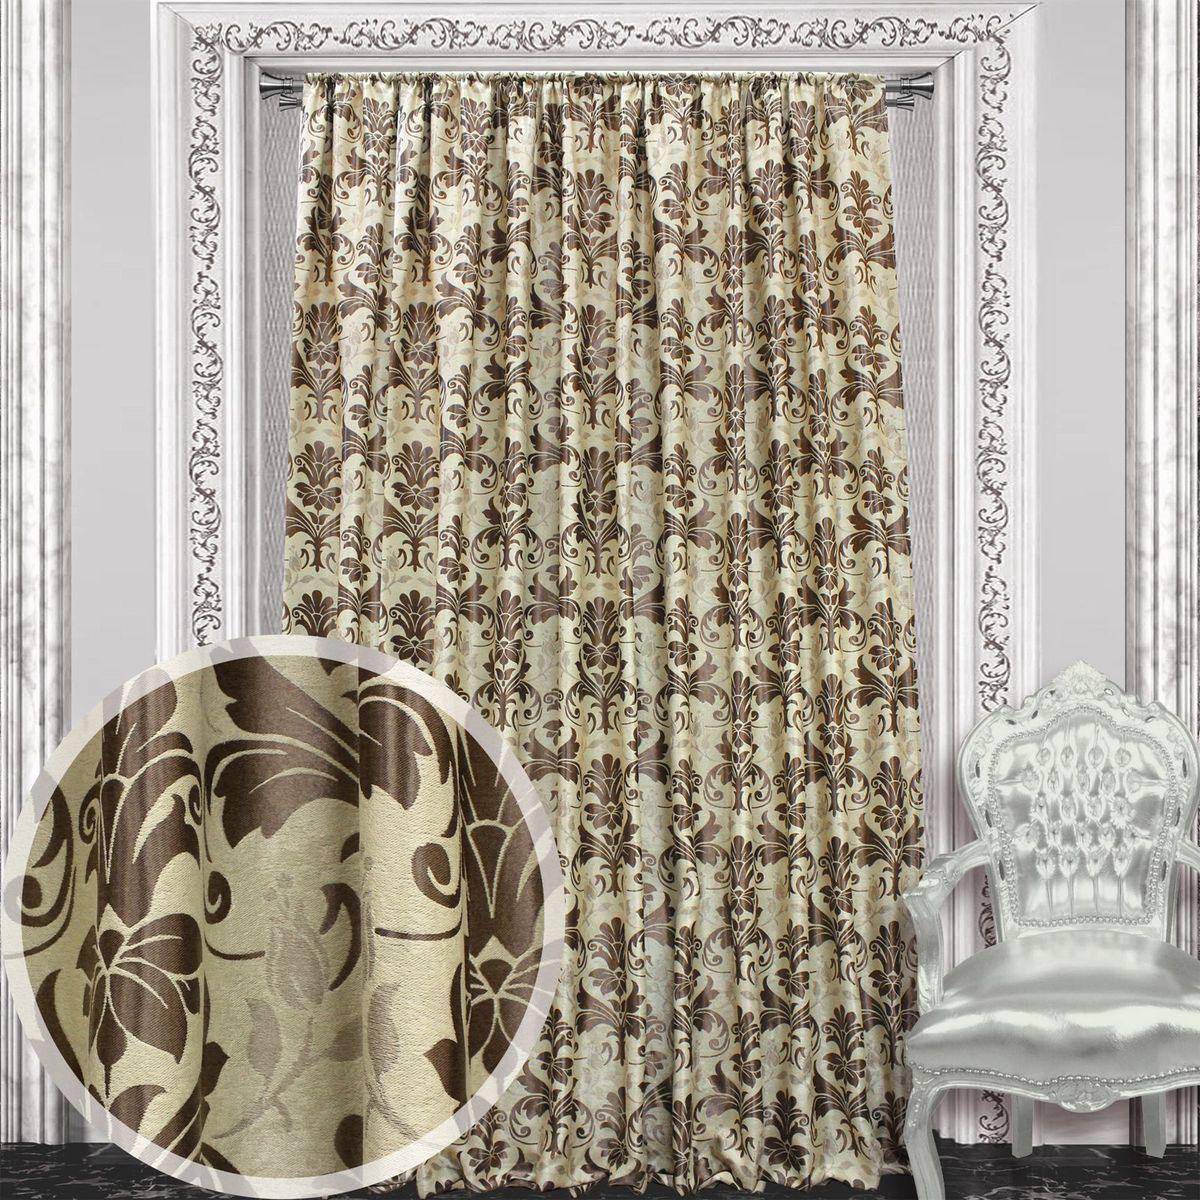 Штора Amore Mio, на ленте, цвет: коричневый, высота 270 см. 8604986049Штора Amore Mio с роскошным рисунком изготовлена из 100% полиэстера. Полиэстер - вид ткани, состоящий из полиэфирных волокон. Ткани из полиэстера легкие, прочные и износостойкие. Такие изделия не требуют специального ухода, не пылятся и почти не мнутся.Крепление к карнизу осуществляется при помощи вшитой шторной ленты.